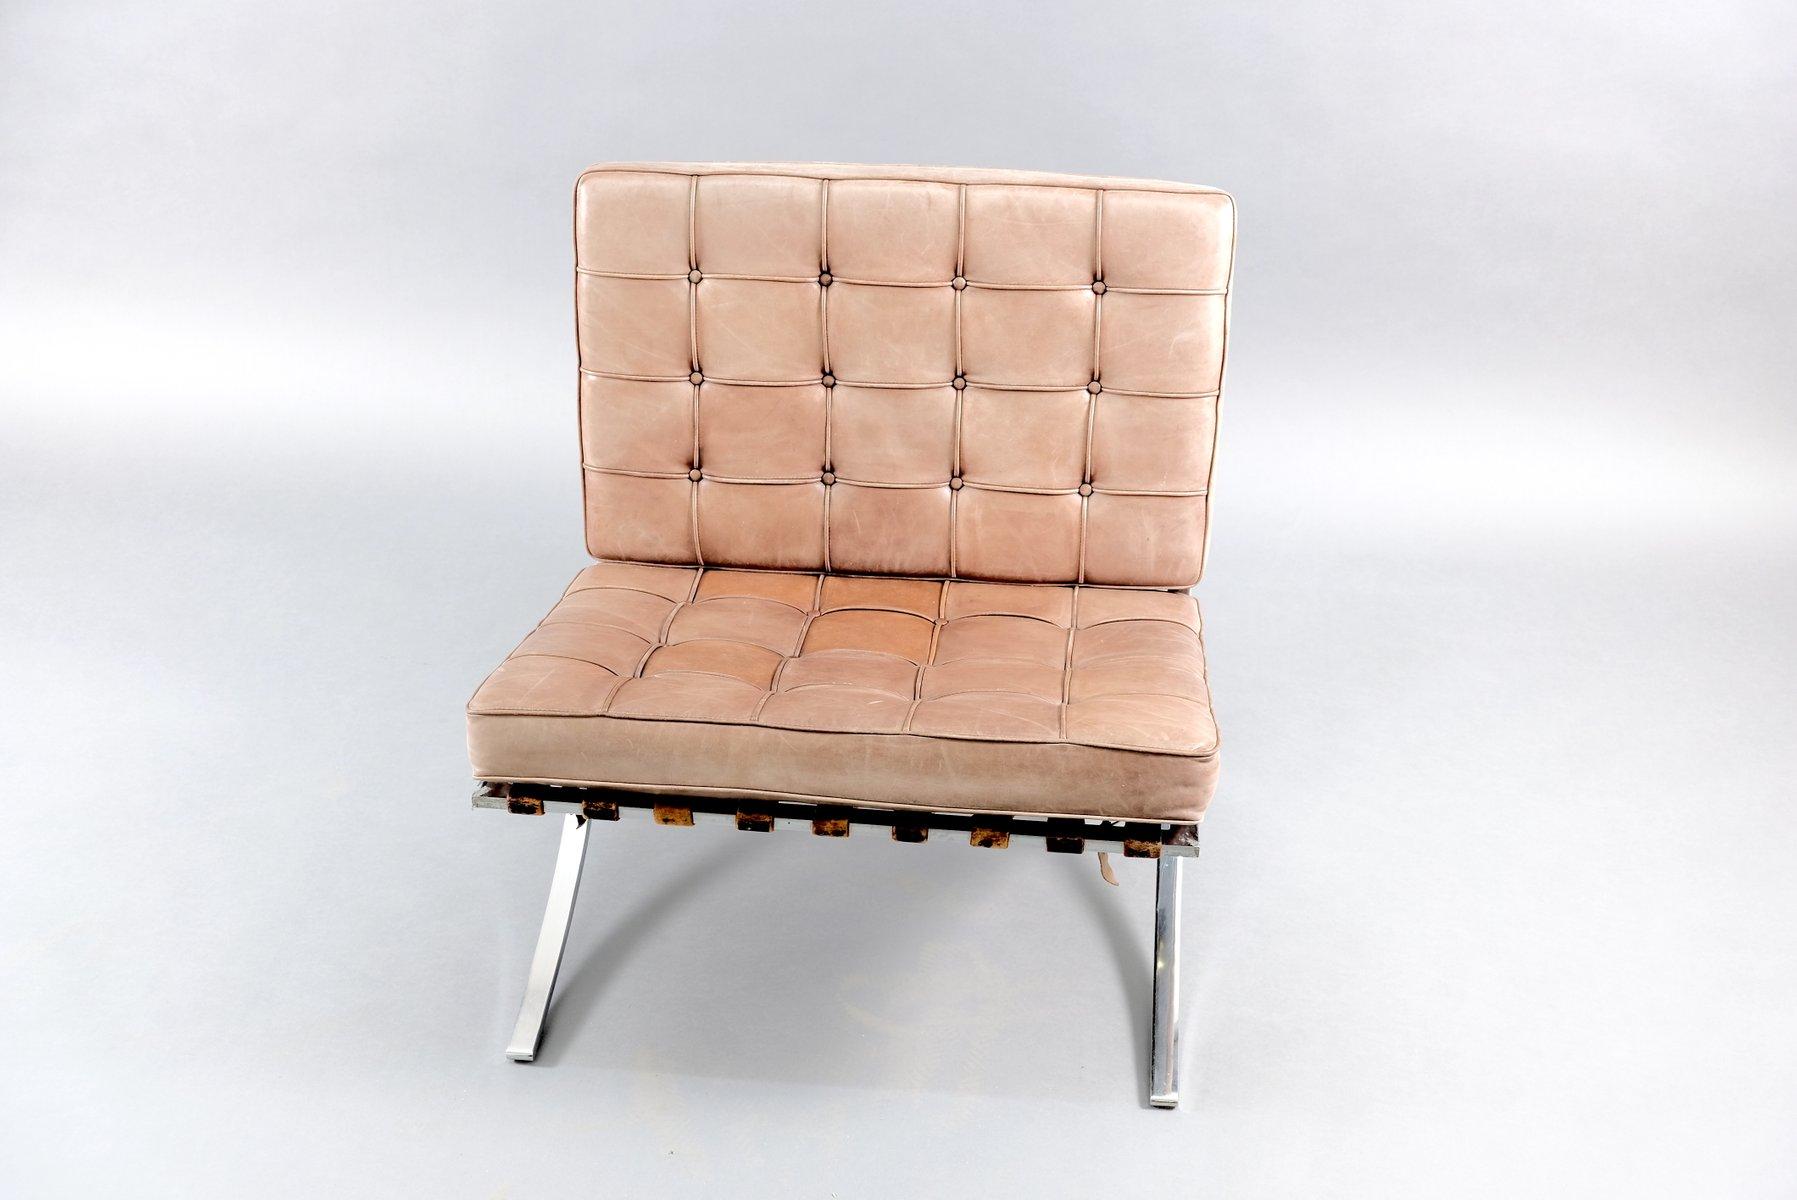 Isimar barceloneta stapelbarer gartenstuhl aus aluminium. Vintage Barcelona Stuhl von Ludwig Mies van der Rohe für ...